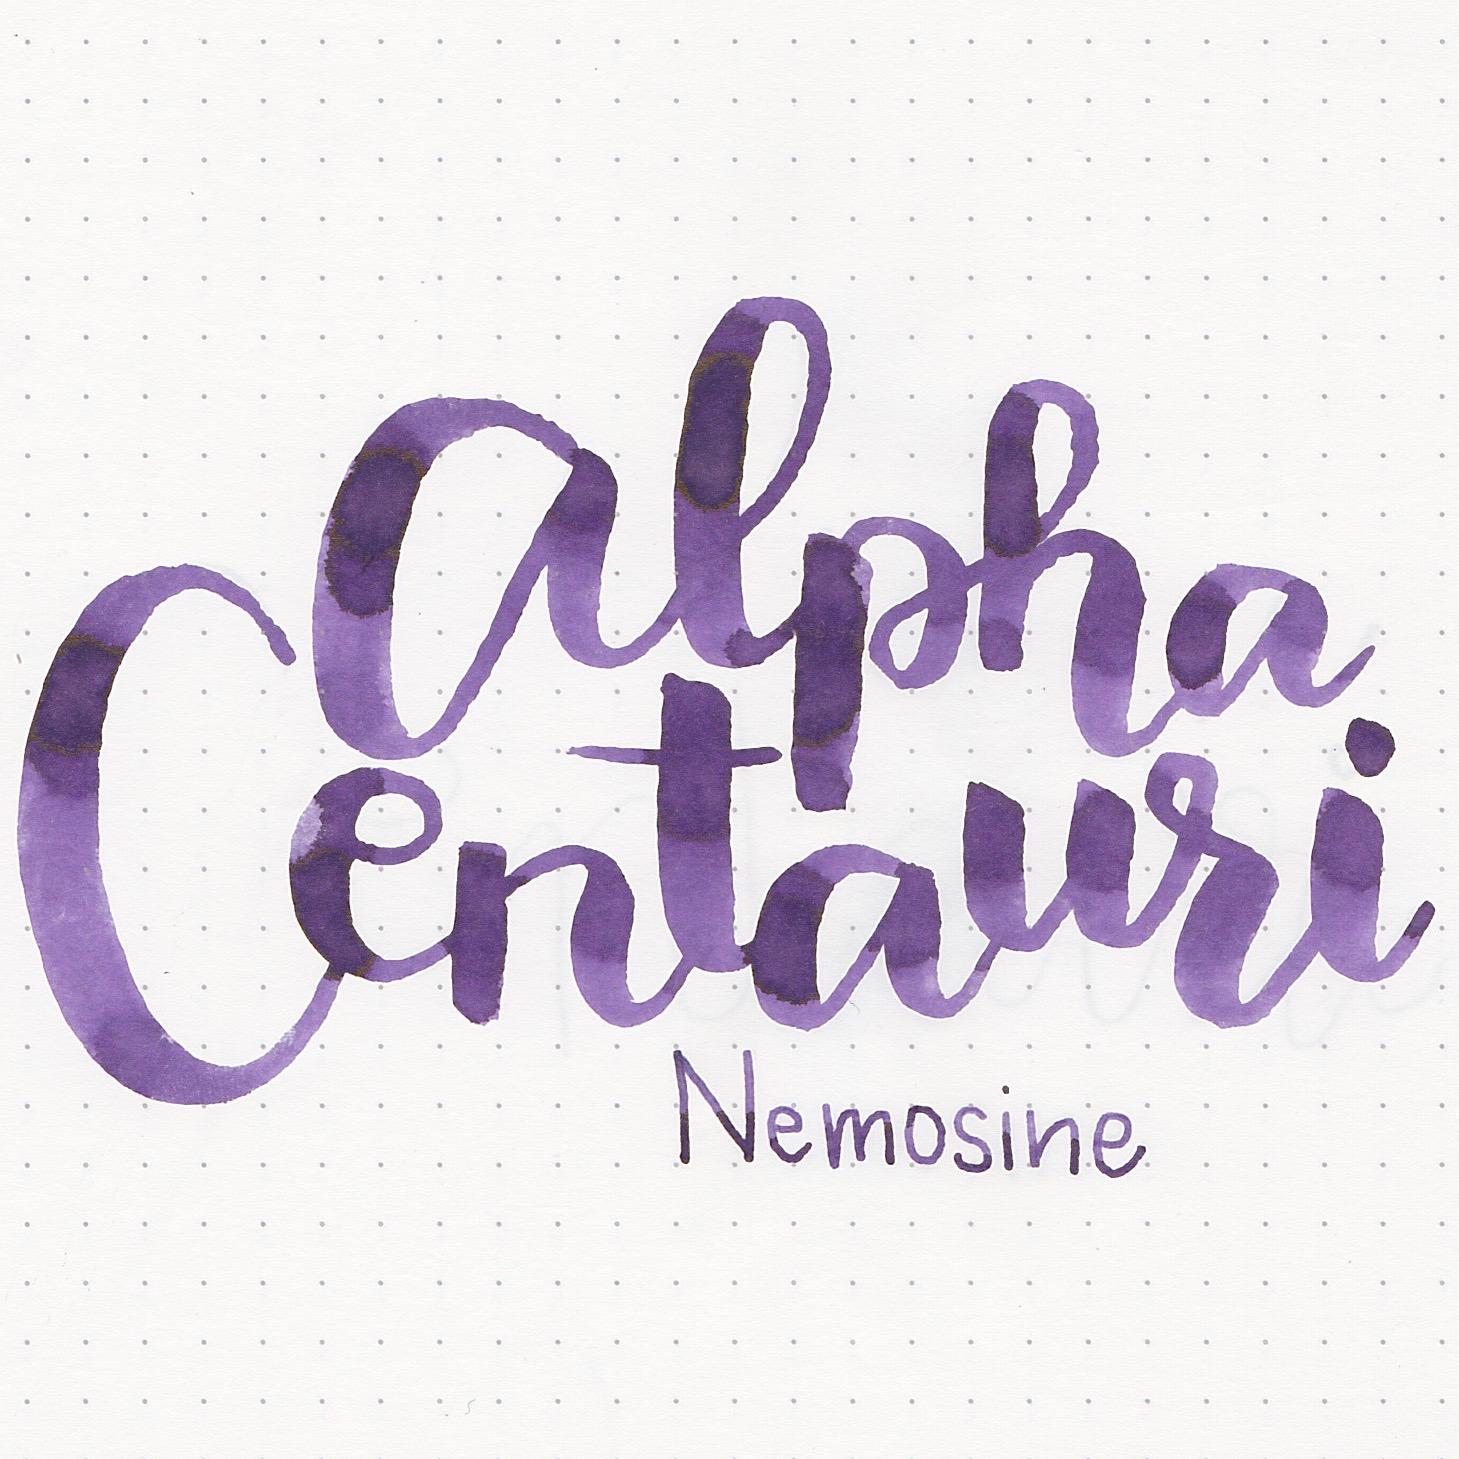 NemoAlphaCentauri - 5.jpg